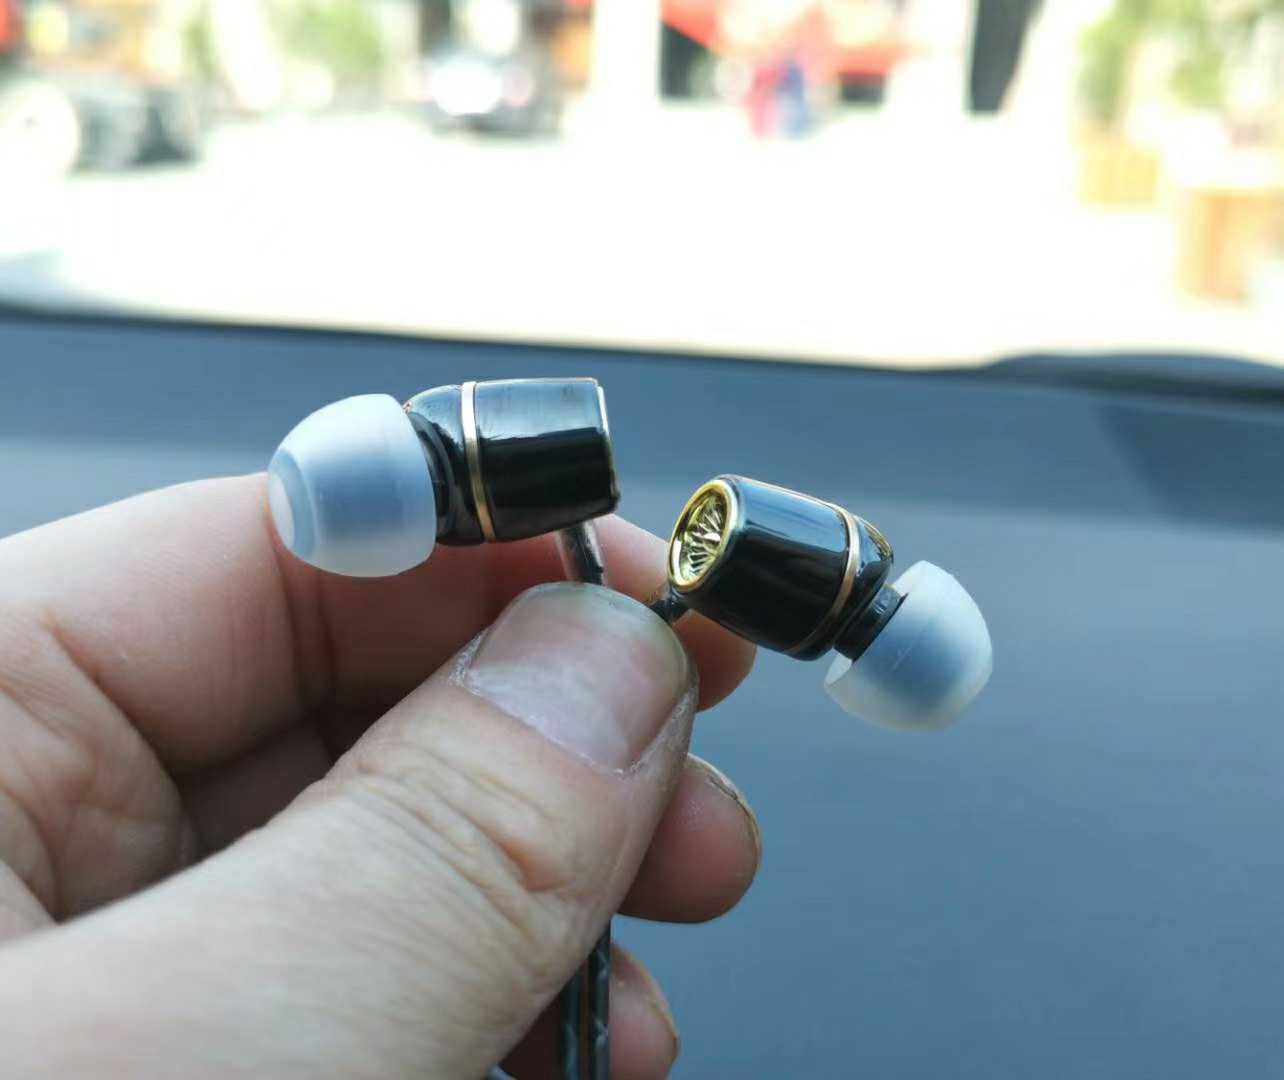 99节活动 跨境电商尾货丰达ie60同款红点单元带麦入耳式重低音耳机发烧监听10元包邮